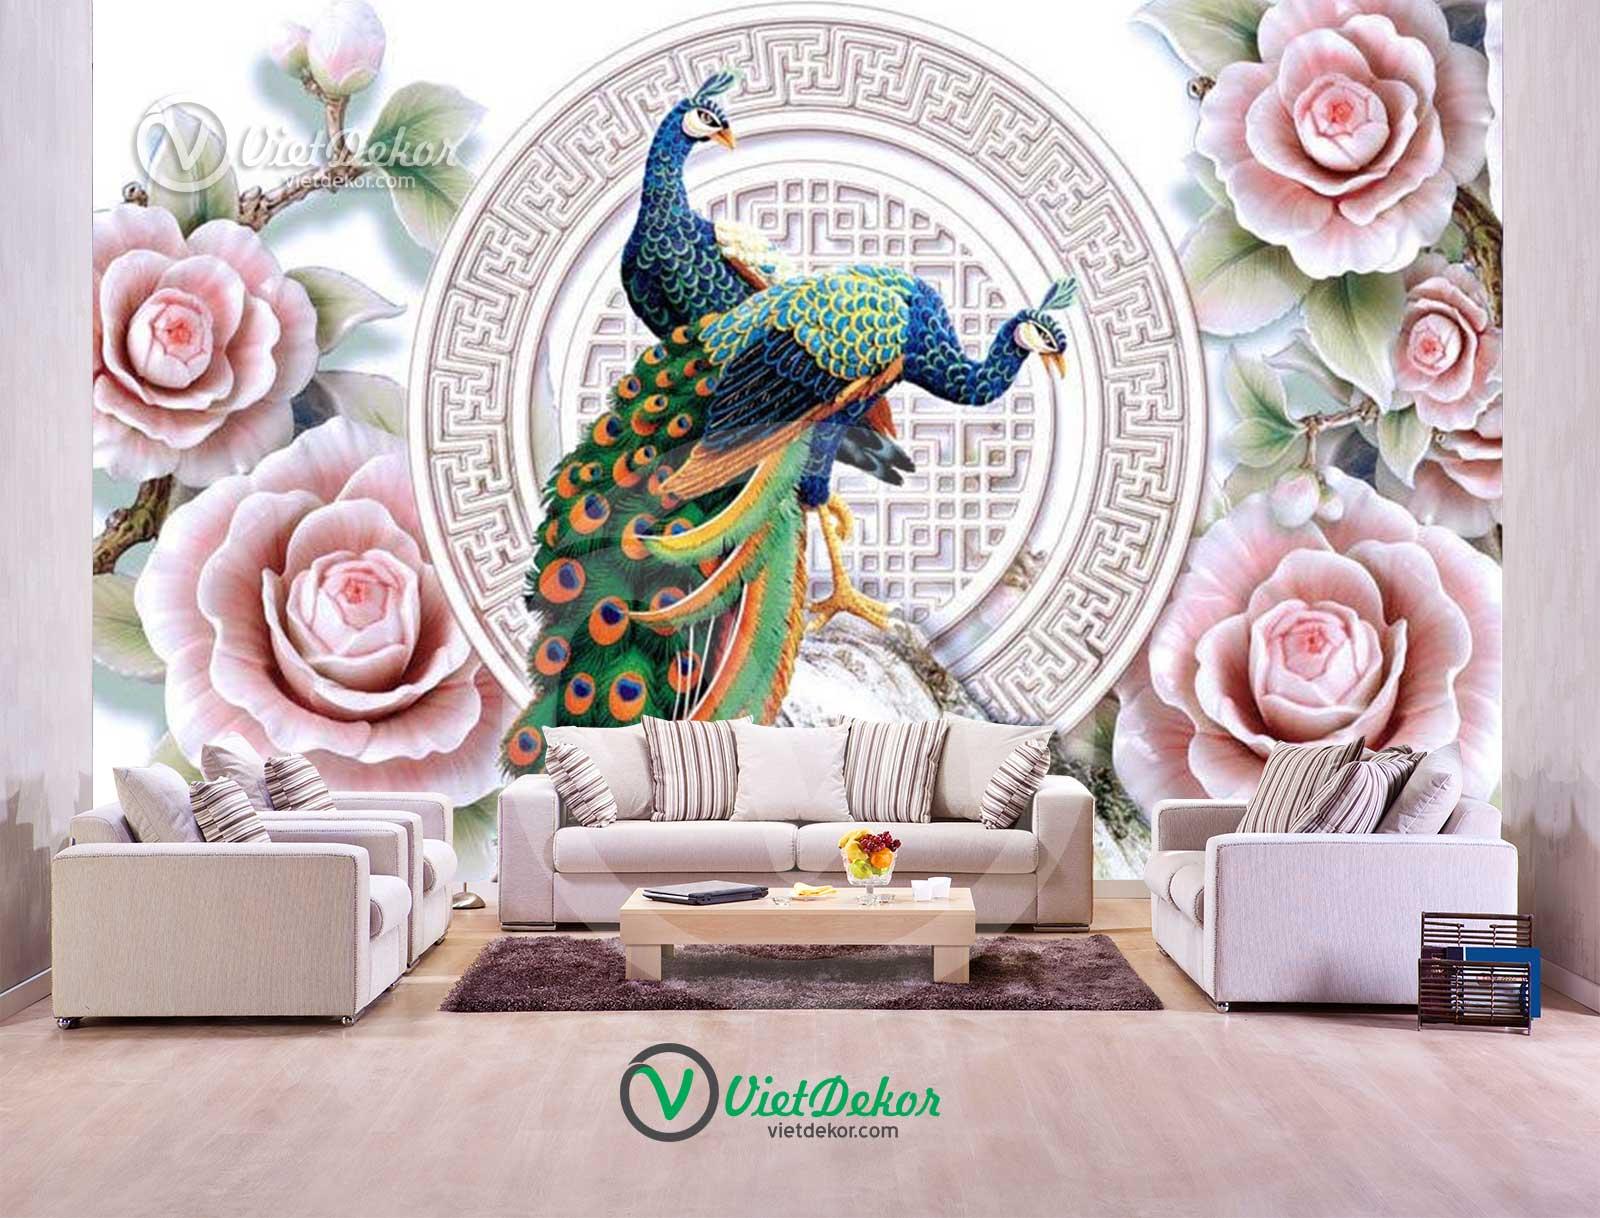 Tranh dán tường 3d hoa mẫu đơn khổng tước